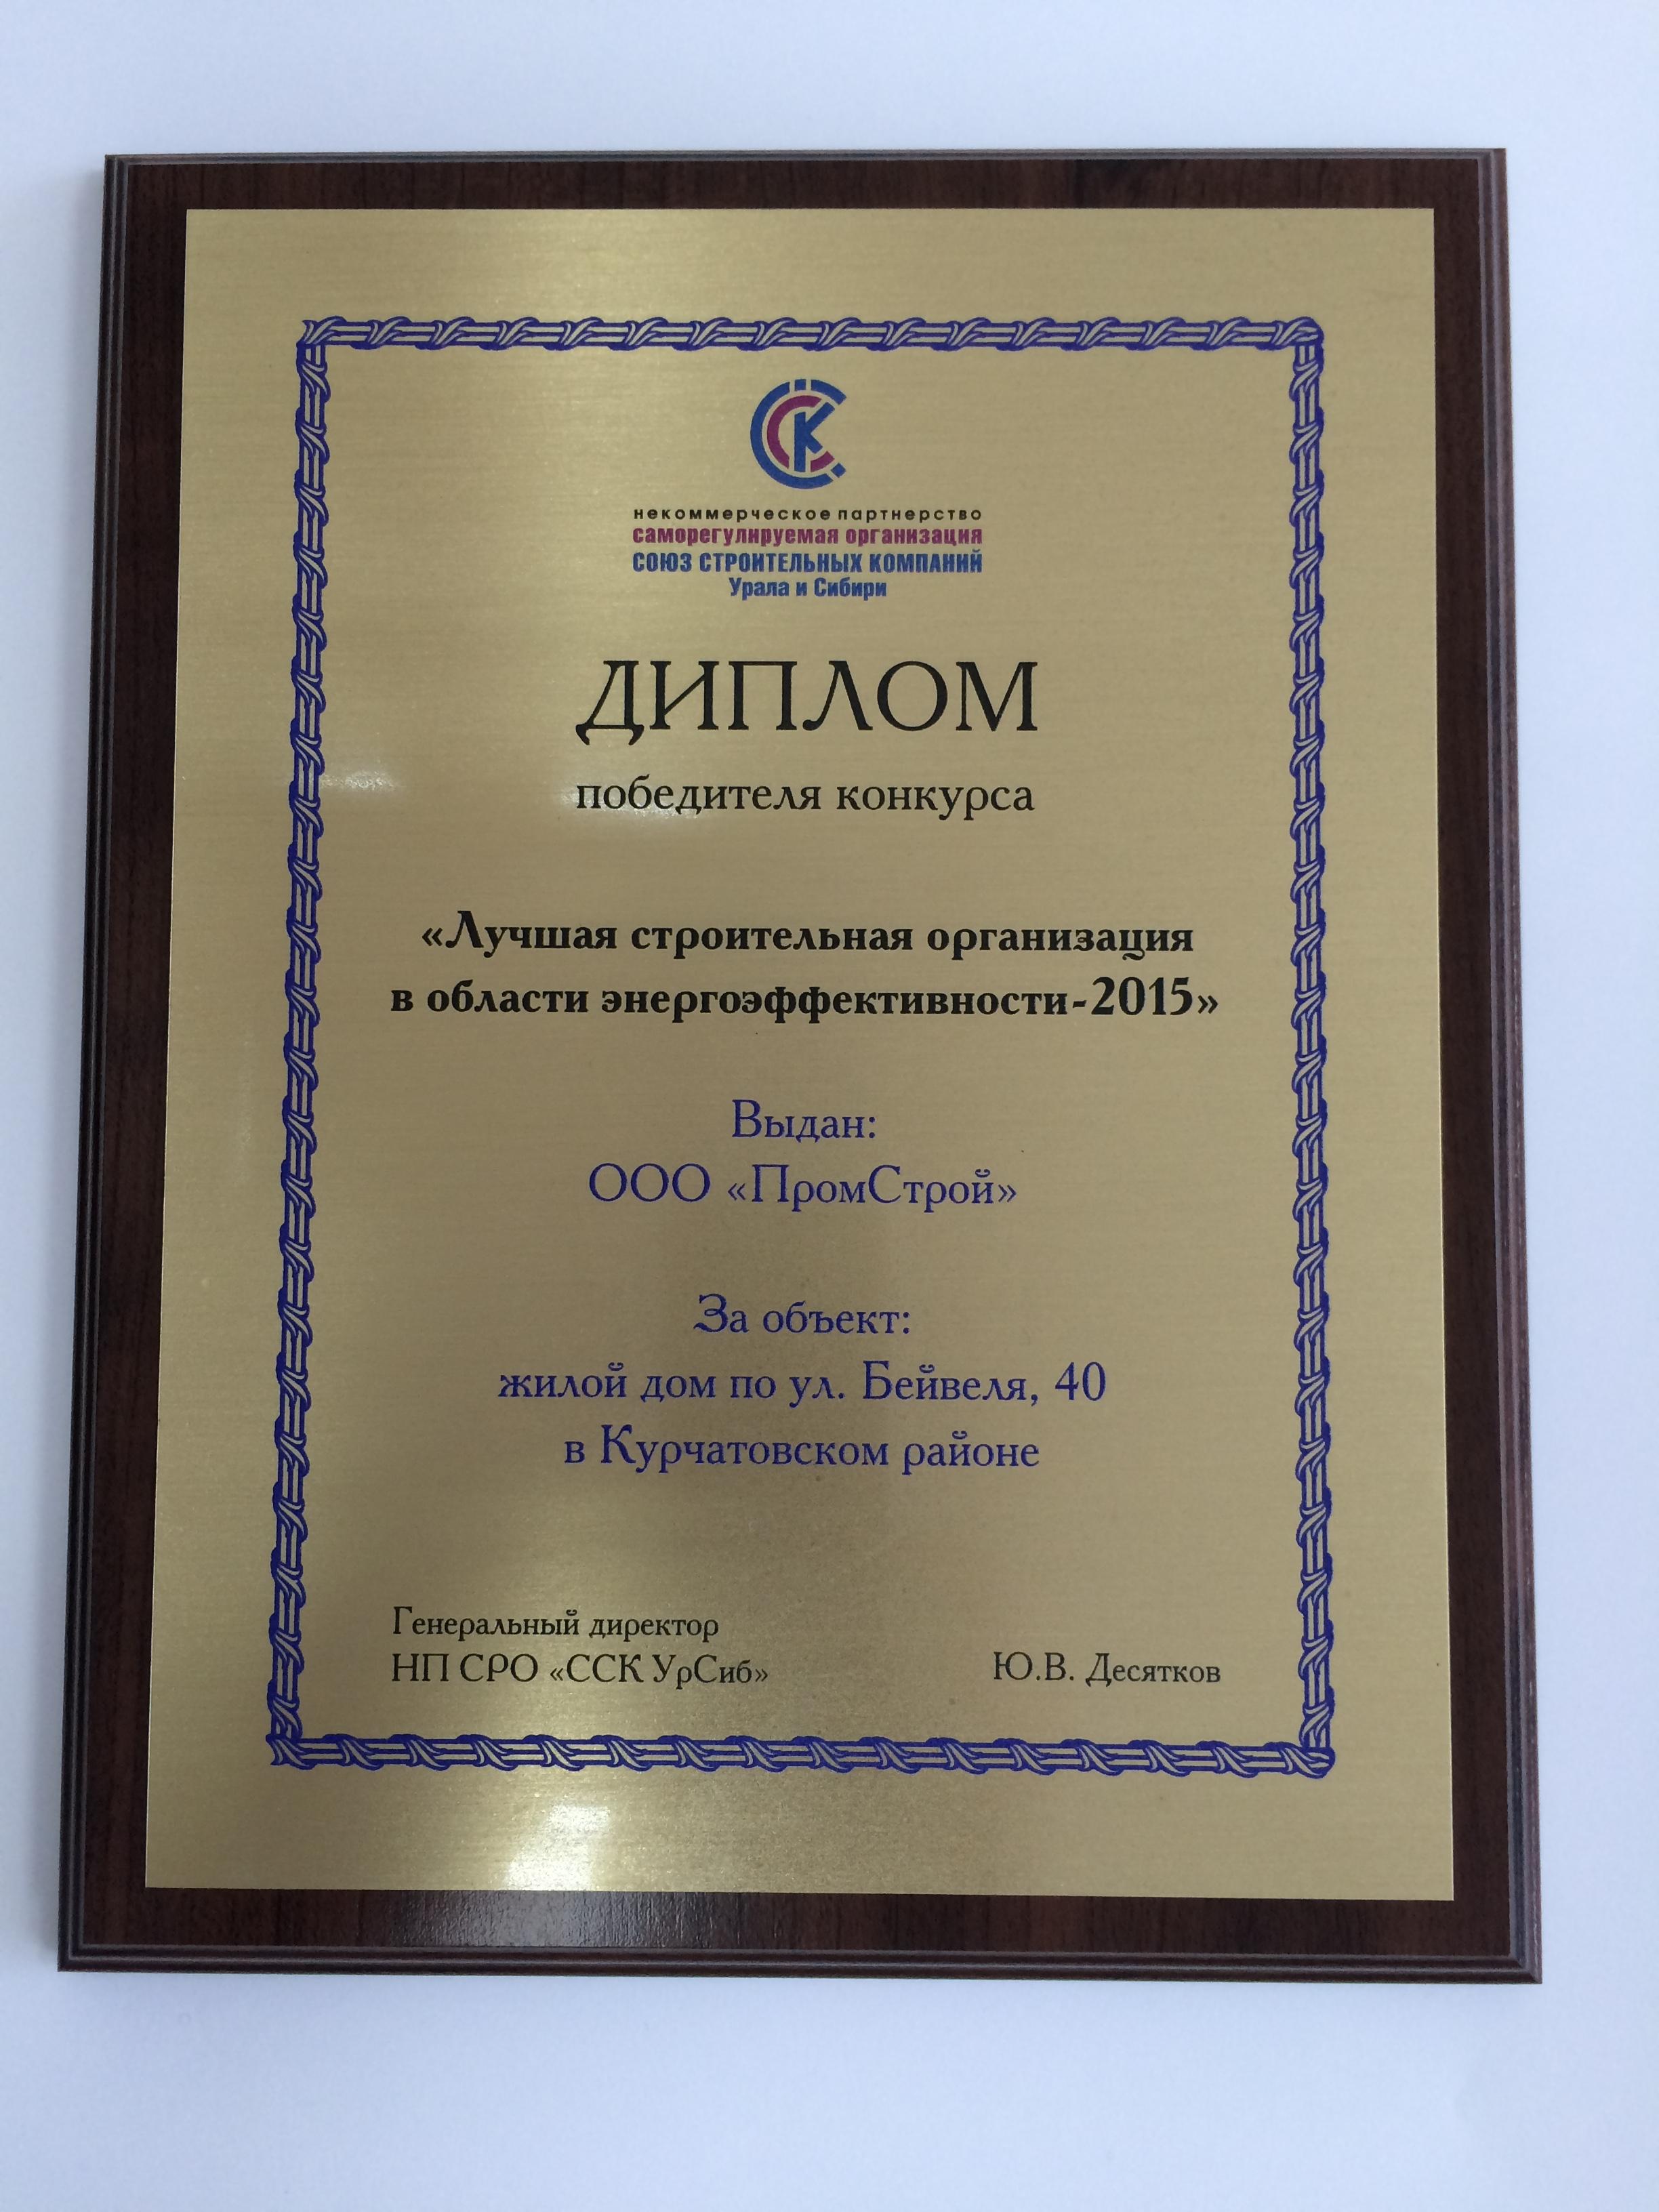 Как сообщили агентству «Урал-пресс-информ» в пресс-службе компании, в конкурсе Союза строительных